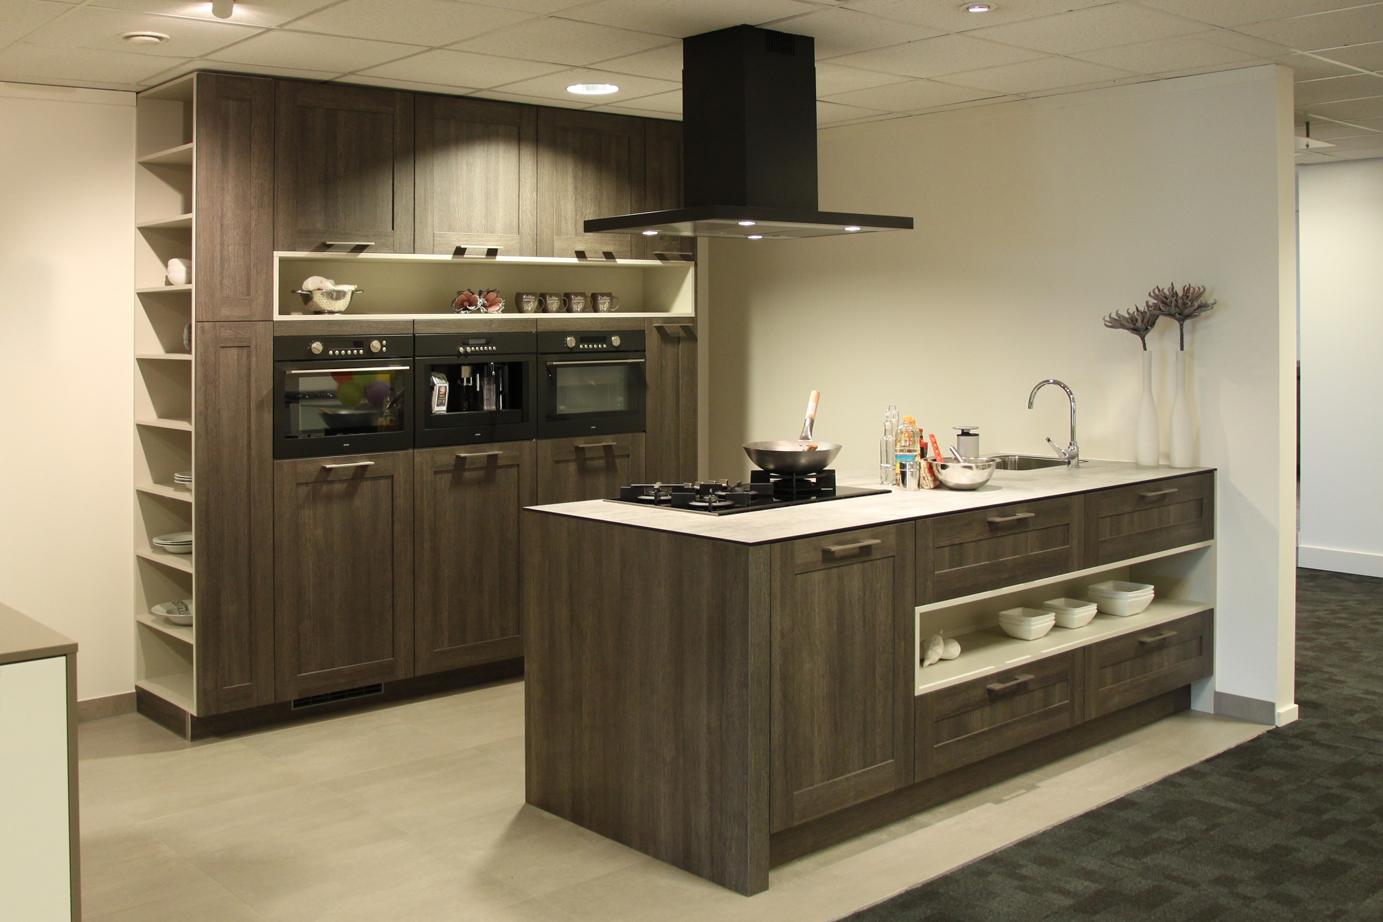 Keuken Kookeiland Showroom : Keuken met kookeiland. Exclusieve Old Wood keuken. – DB Keukens